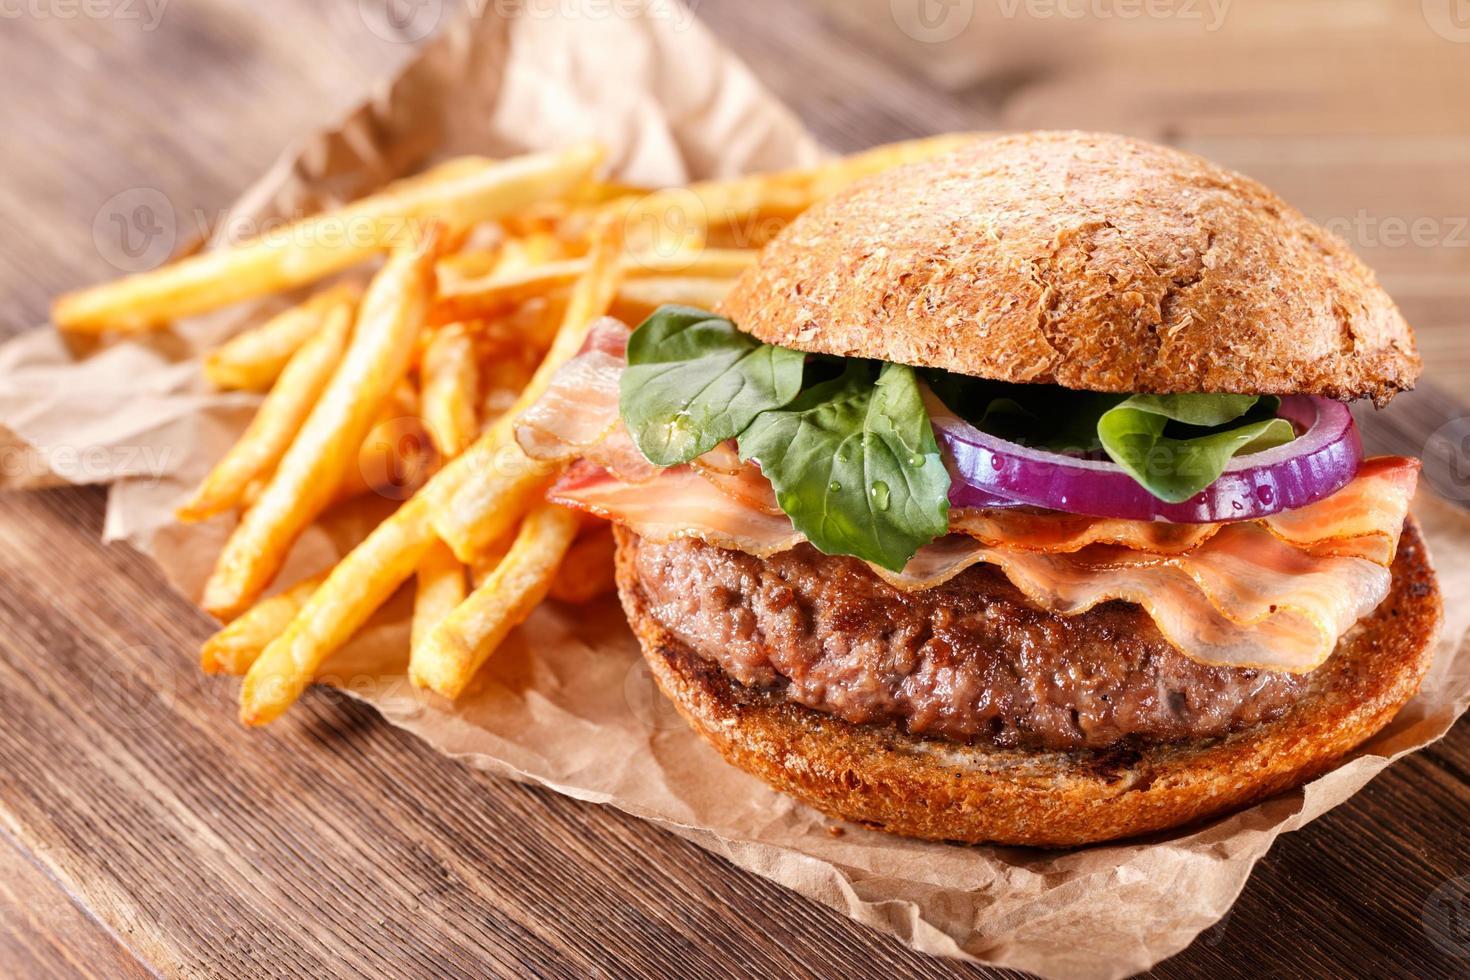 hamburgare och pommes frites på nära håll på träbakgrund. foto